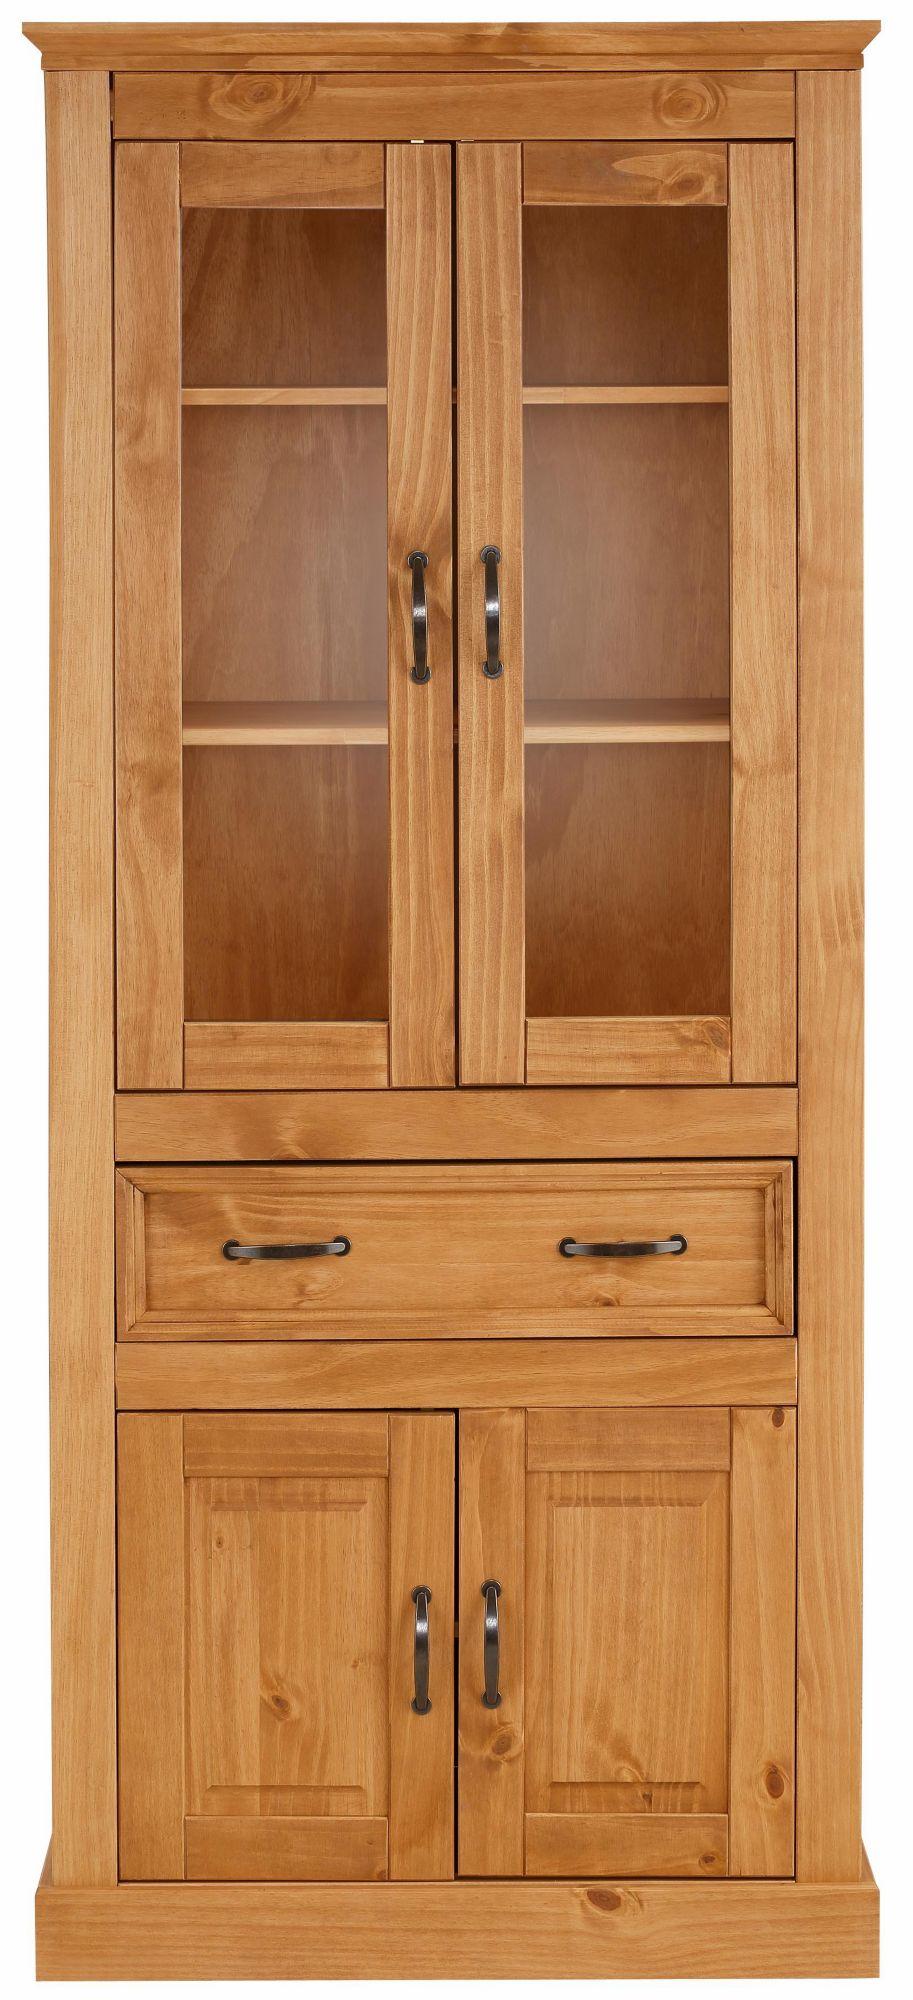 vitrinen im schwab online shop m bel schr nke. Black Bedroom Furniture Sets. Home Design Ideas